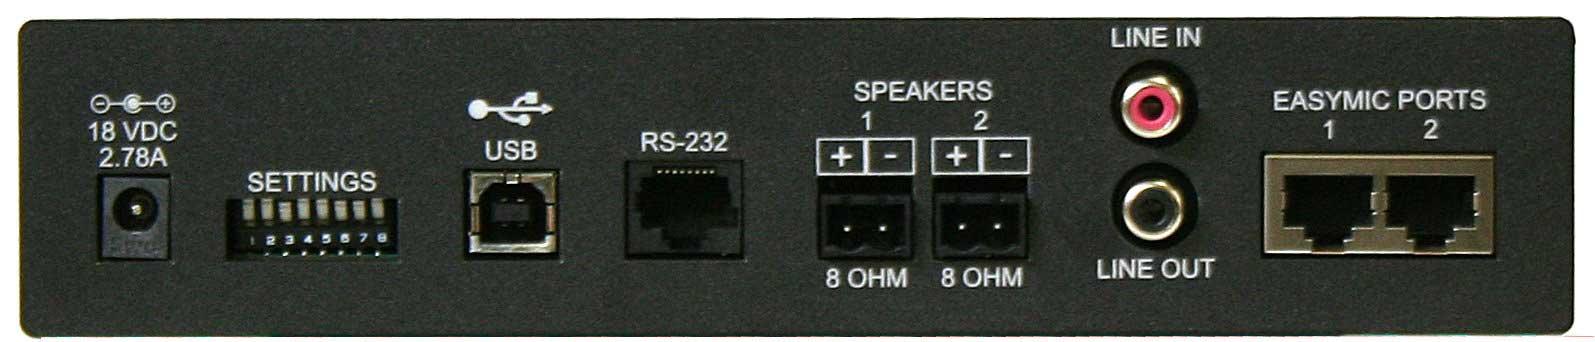 Easy USB Mixer/Amp